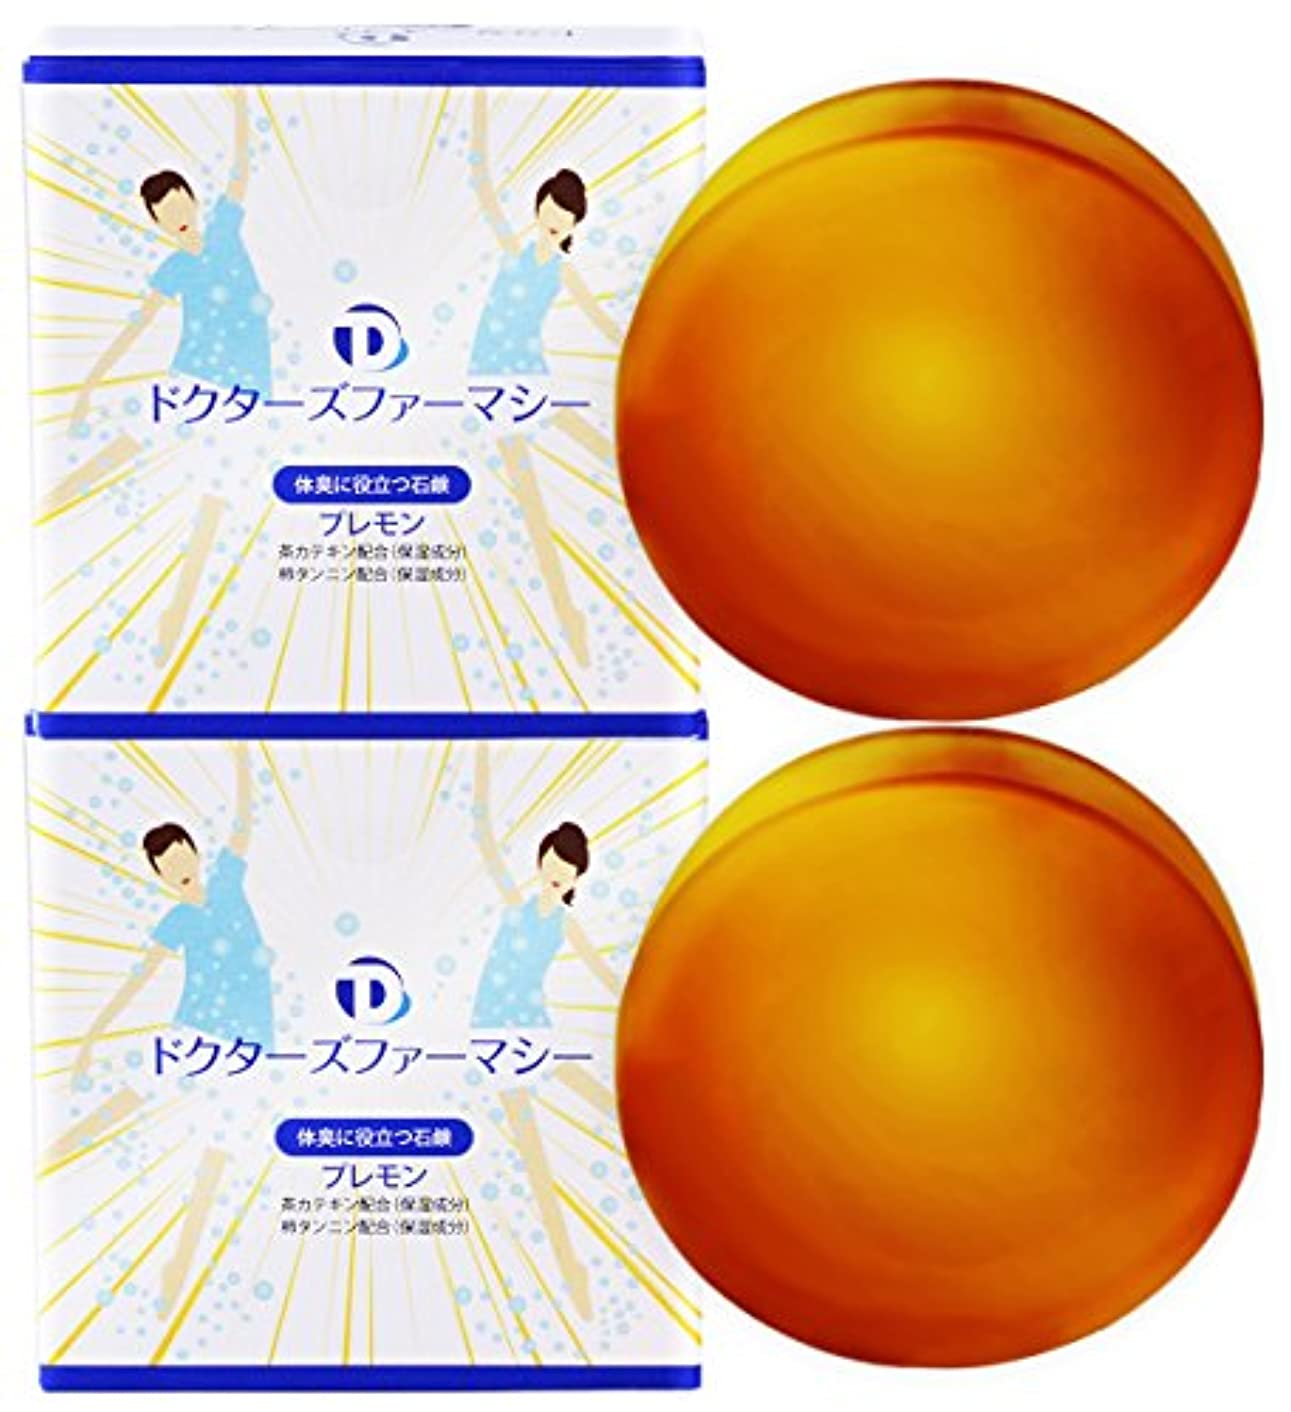 日常的に最も遠い差し控えるプレモン石鹸100g 2個